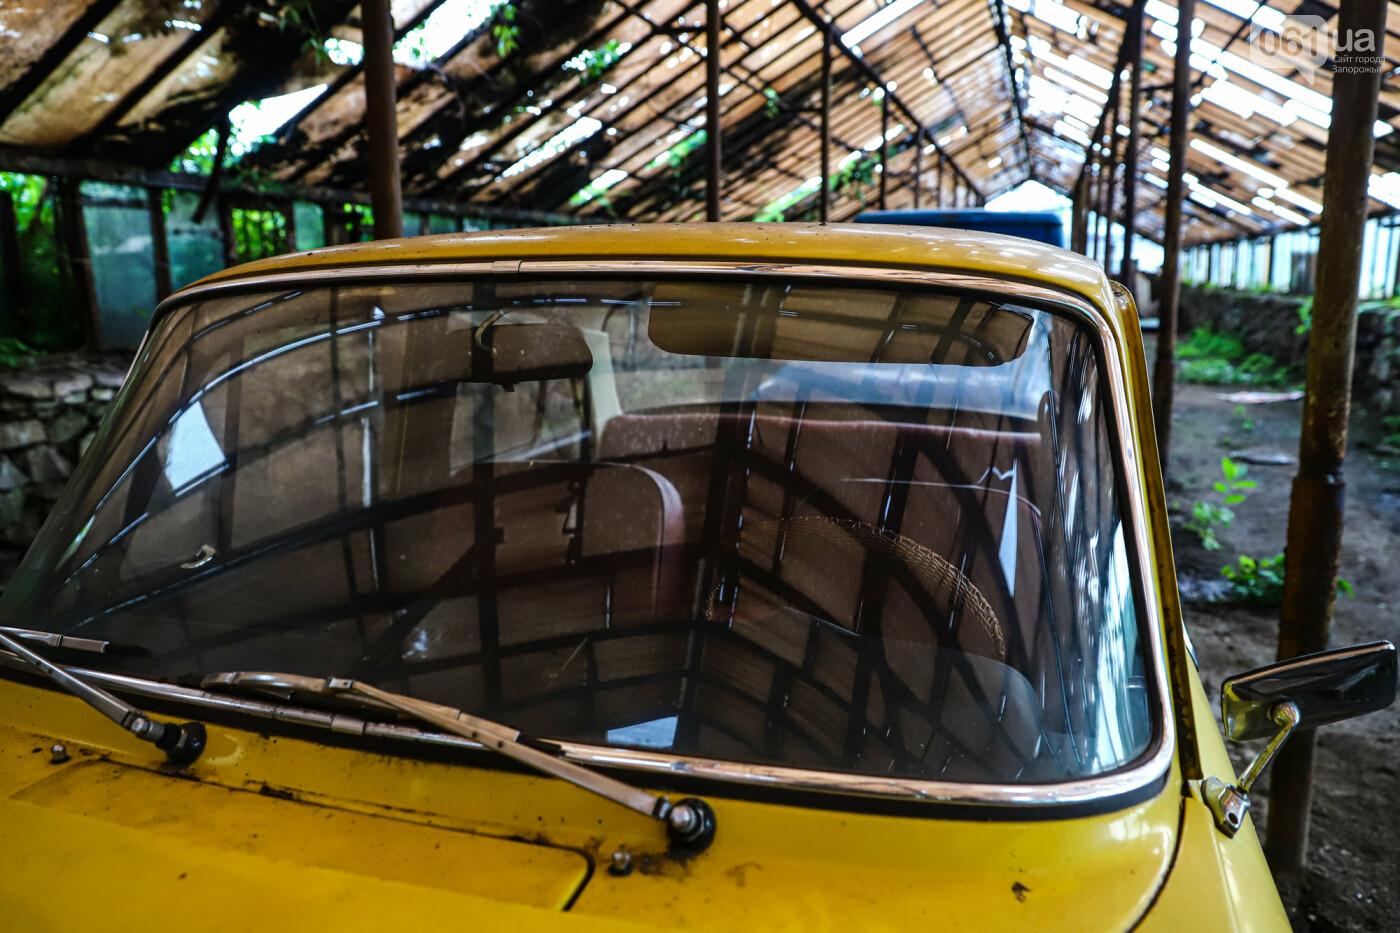 В Запорожье на месте зеленхоза одного из заводов появится Музей специального транспорта, - ФОТОРЕПОРТАЖ, фото-45